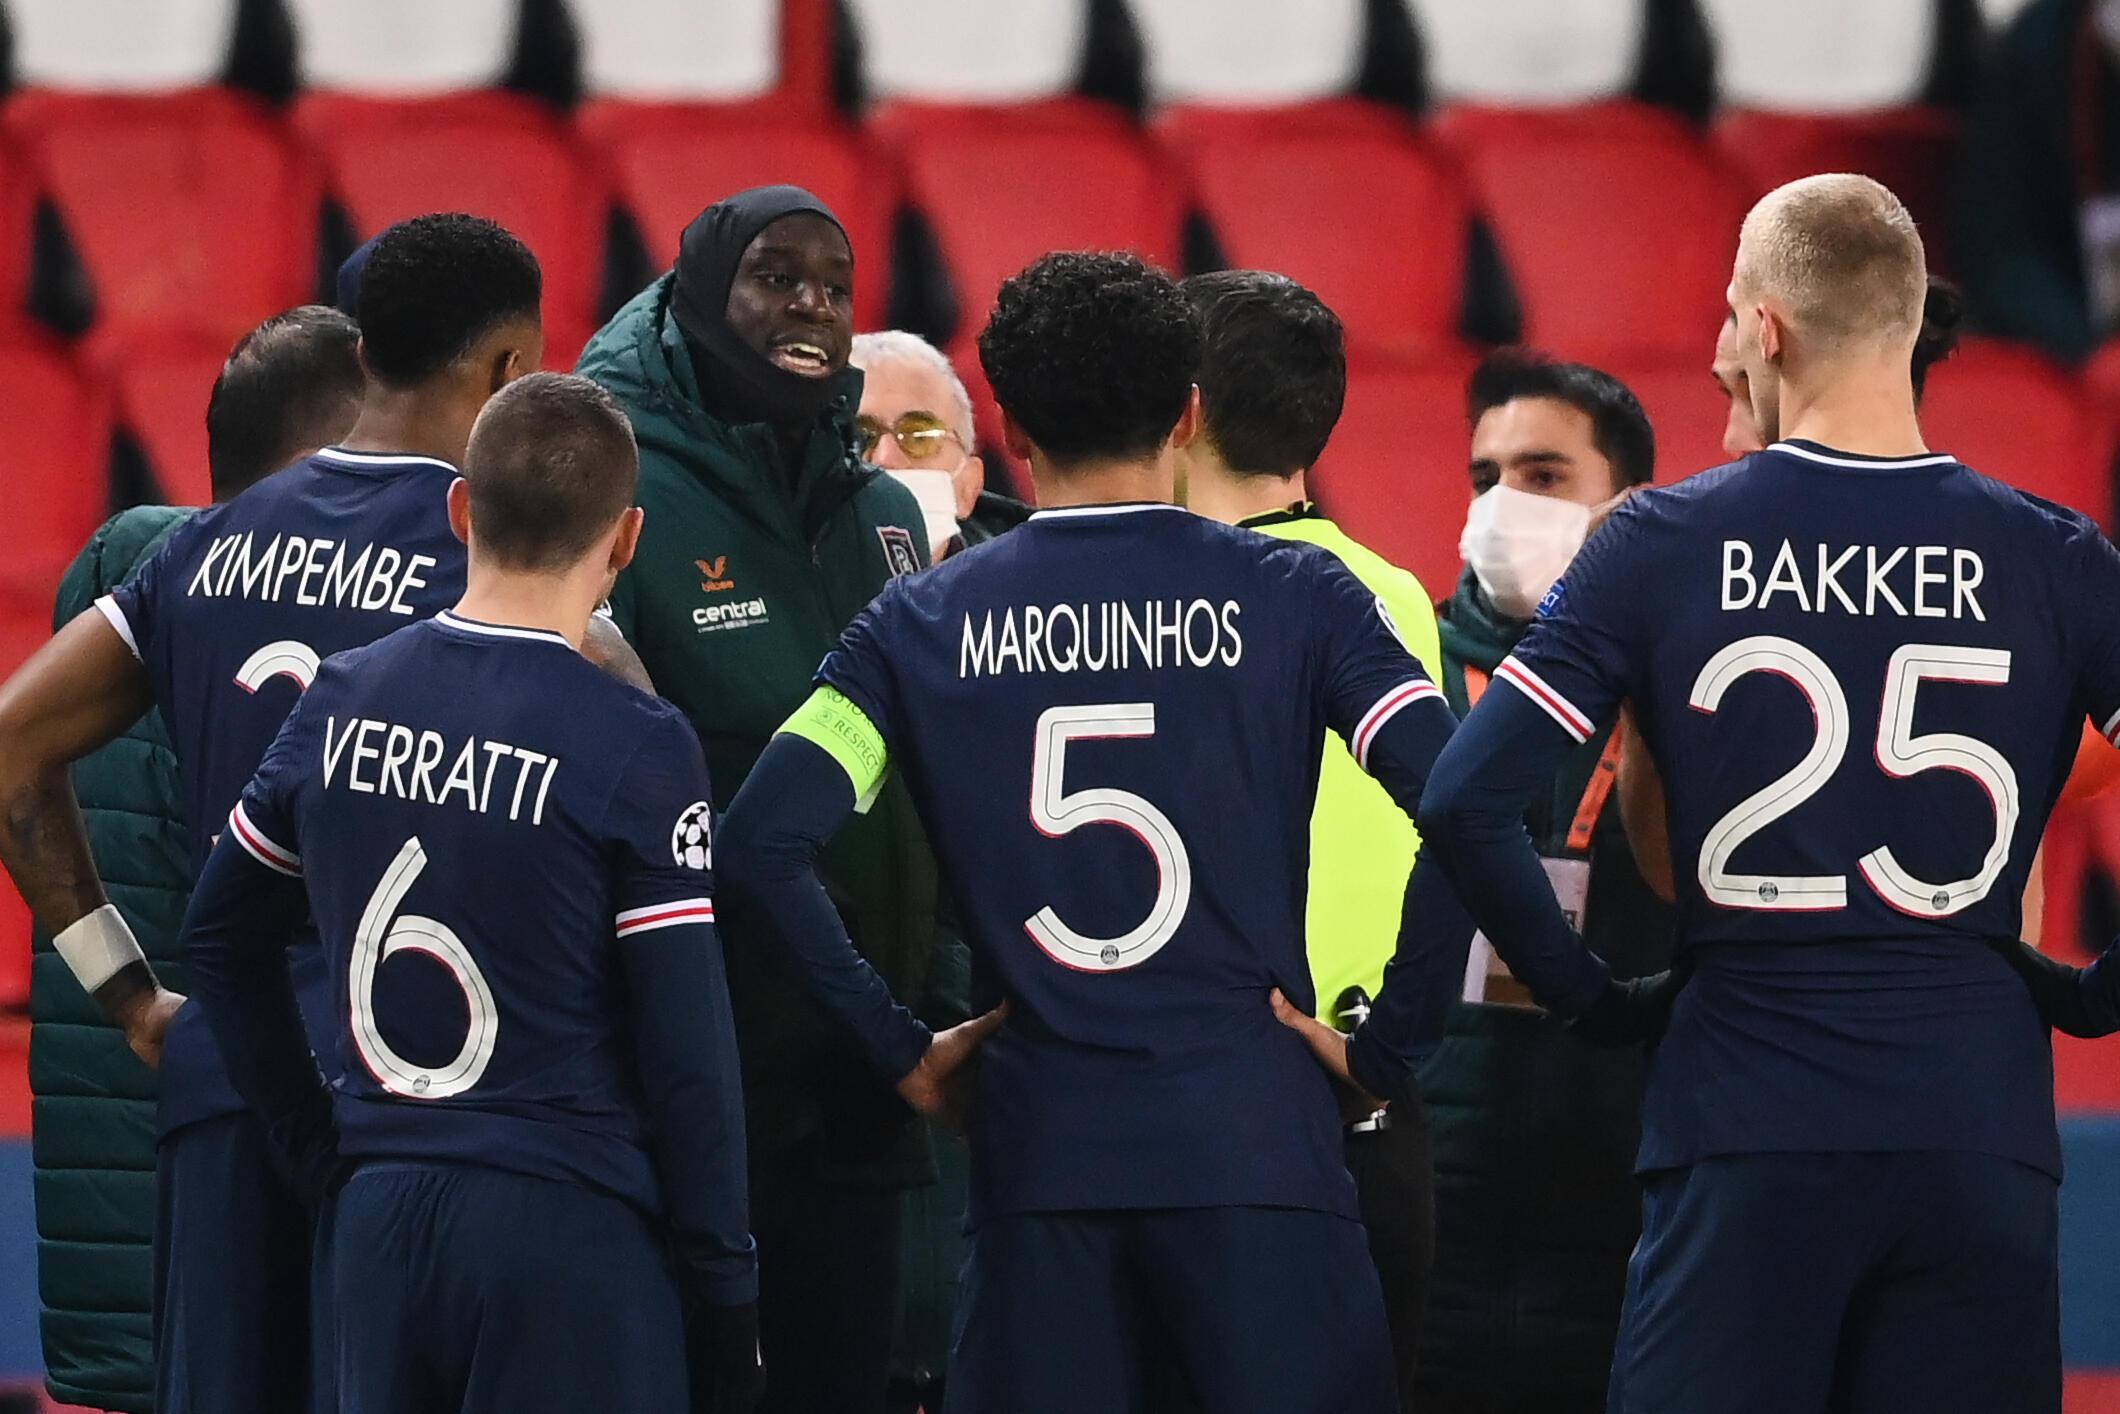 El atacante francés el Basaksehir Demba Ba (izq, de frente) habla con el árbitro luego de la suspensión del partido del grupo H de la Champions contra el PSG por un incidente denunciado como racista del cuarto árbitro en el Parque de los Príncipes